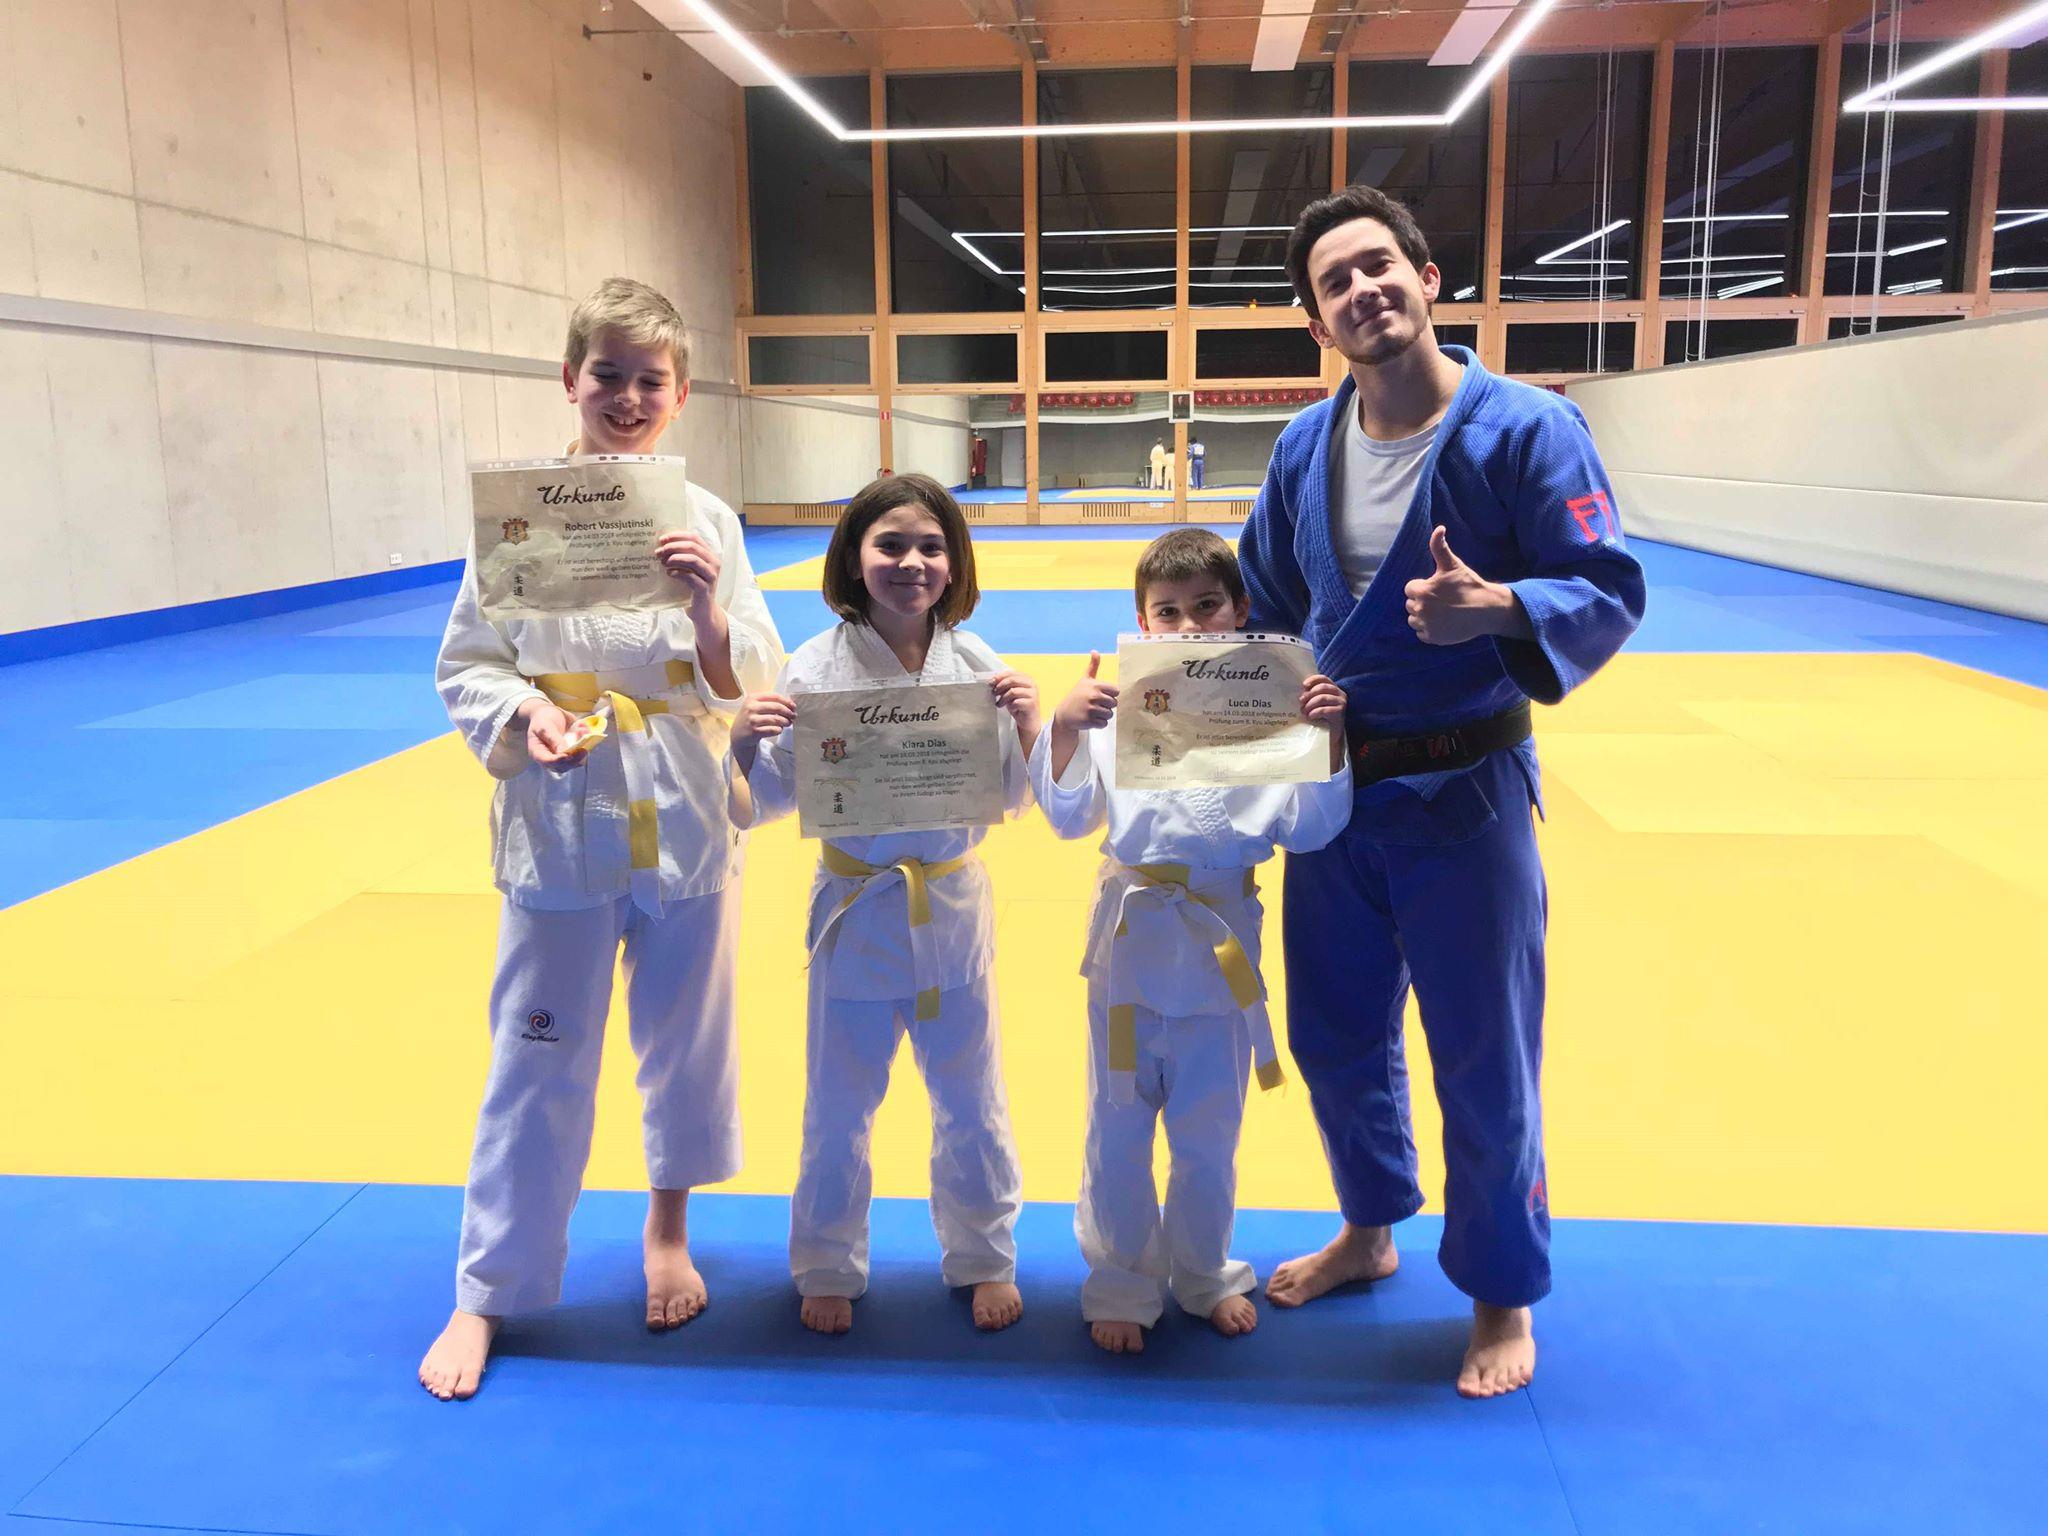 Drei neue Träger des weiß-gelben Gürtel im Judo Club Stroossen